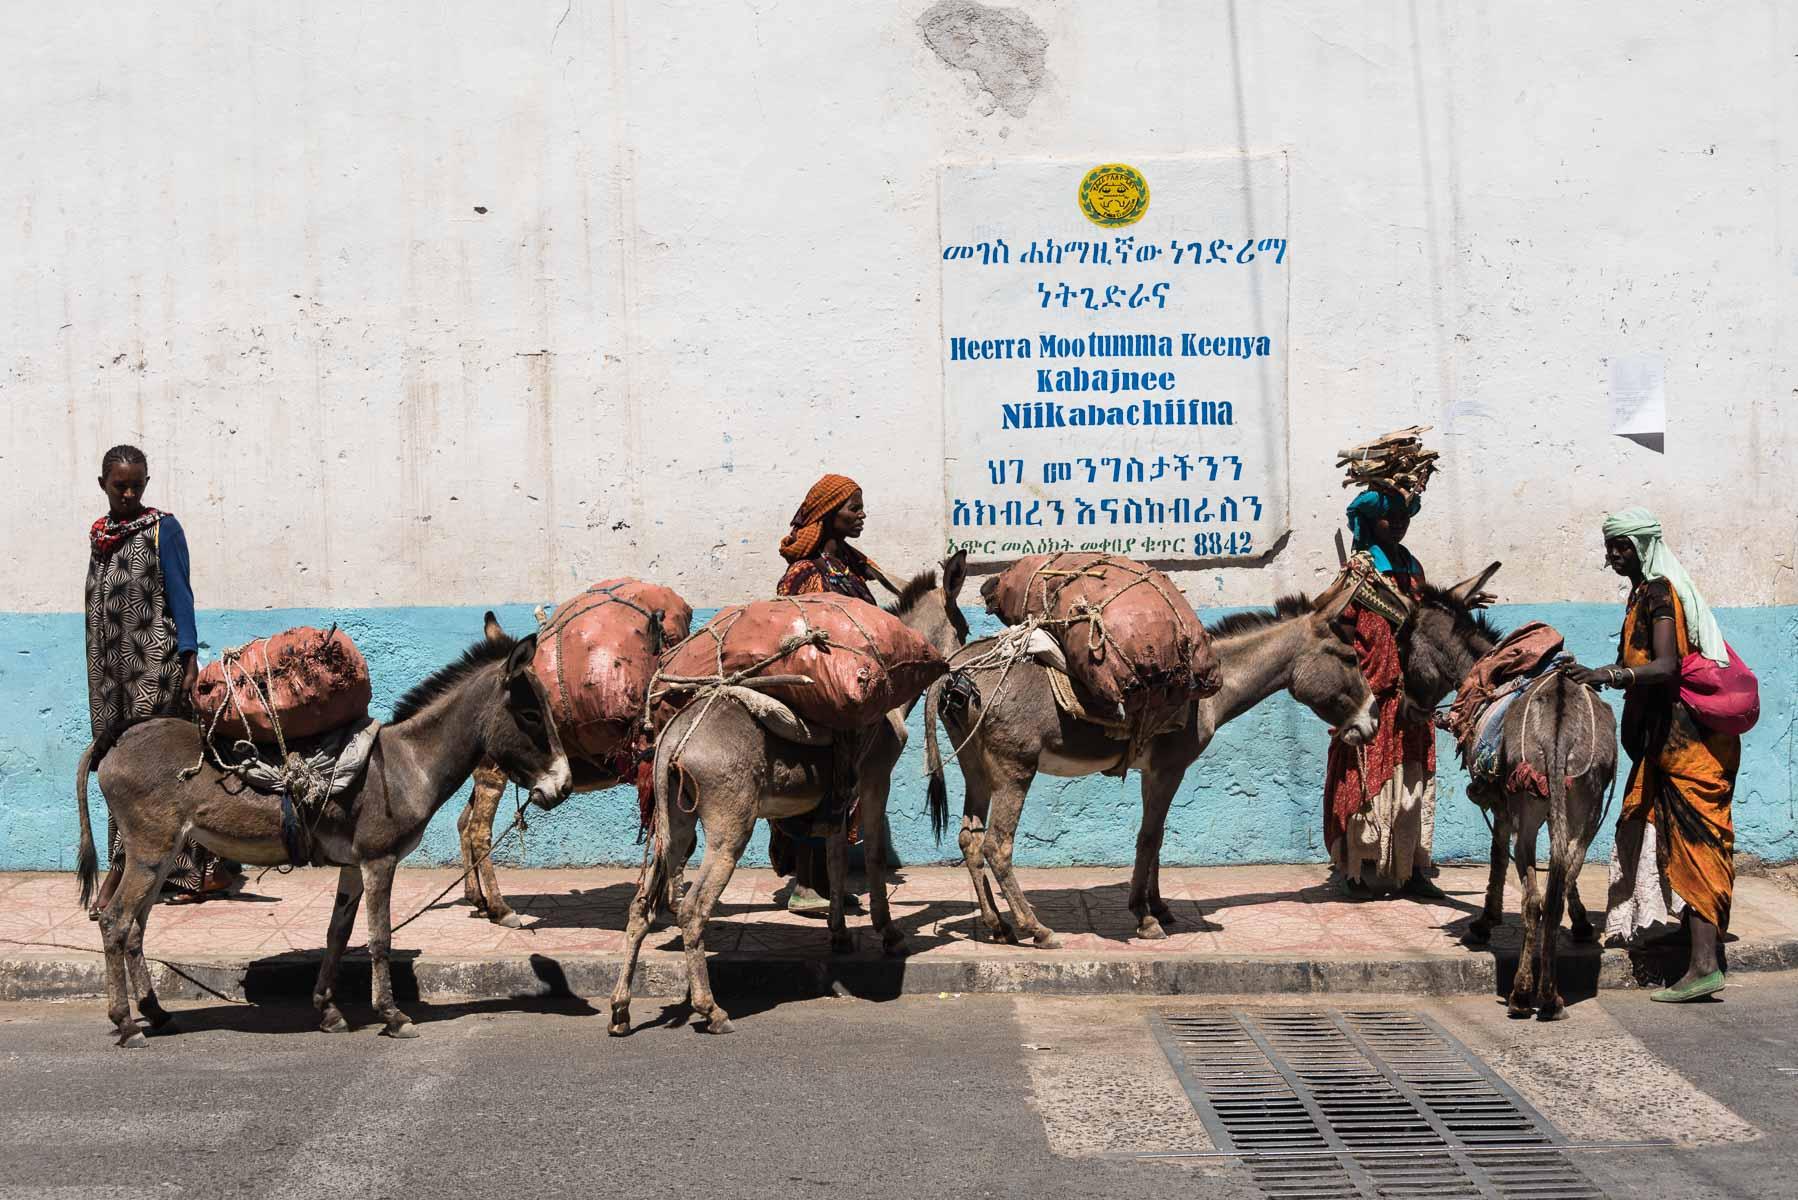 Christian Meixner Fotografie, Fotograf Zürich, Äthiopien, Harar, Esel, Reisen, Reisefotografie, Frauen